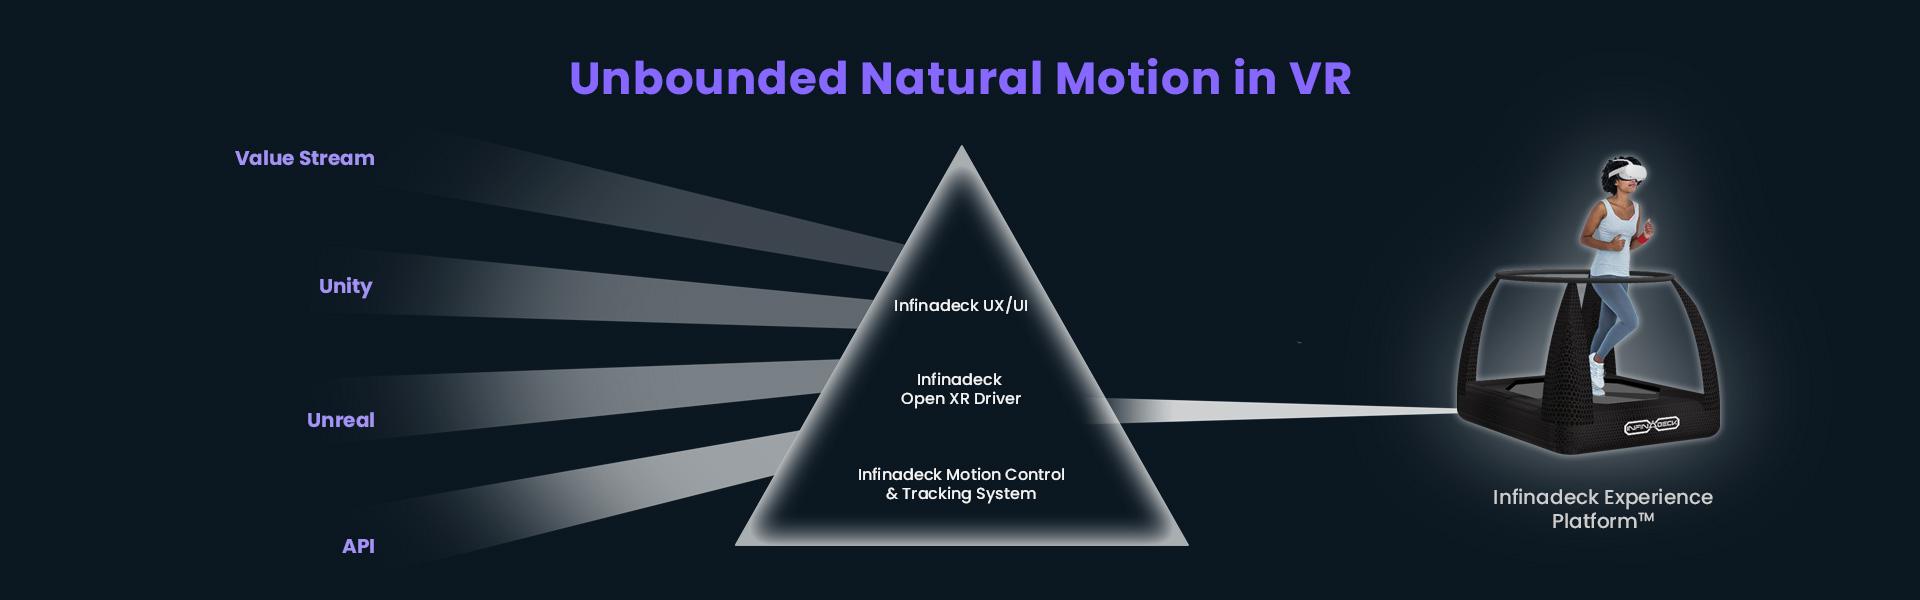 Unbounded Natural Motion in VR